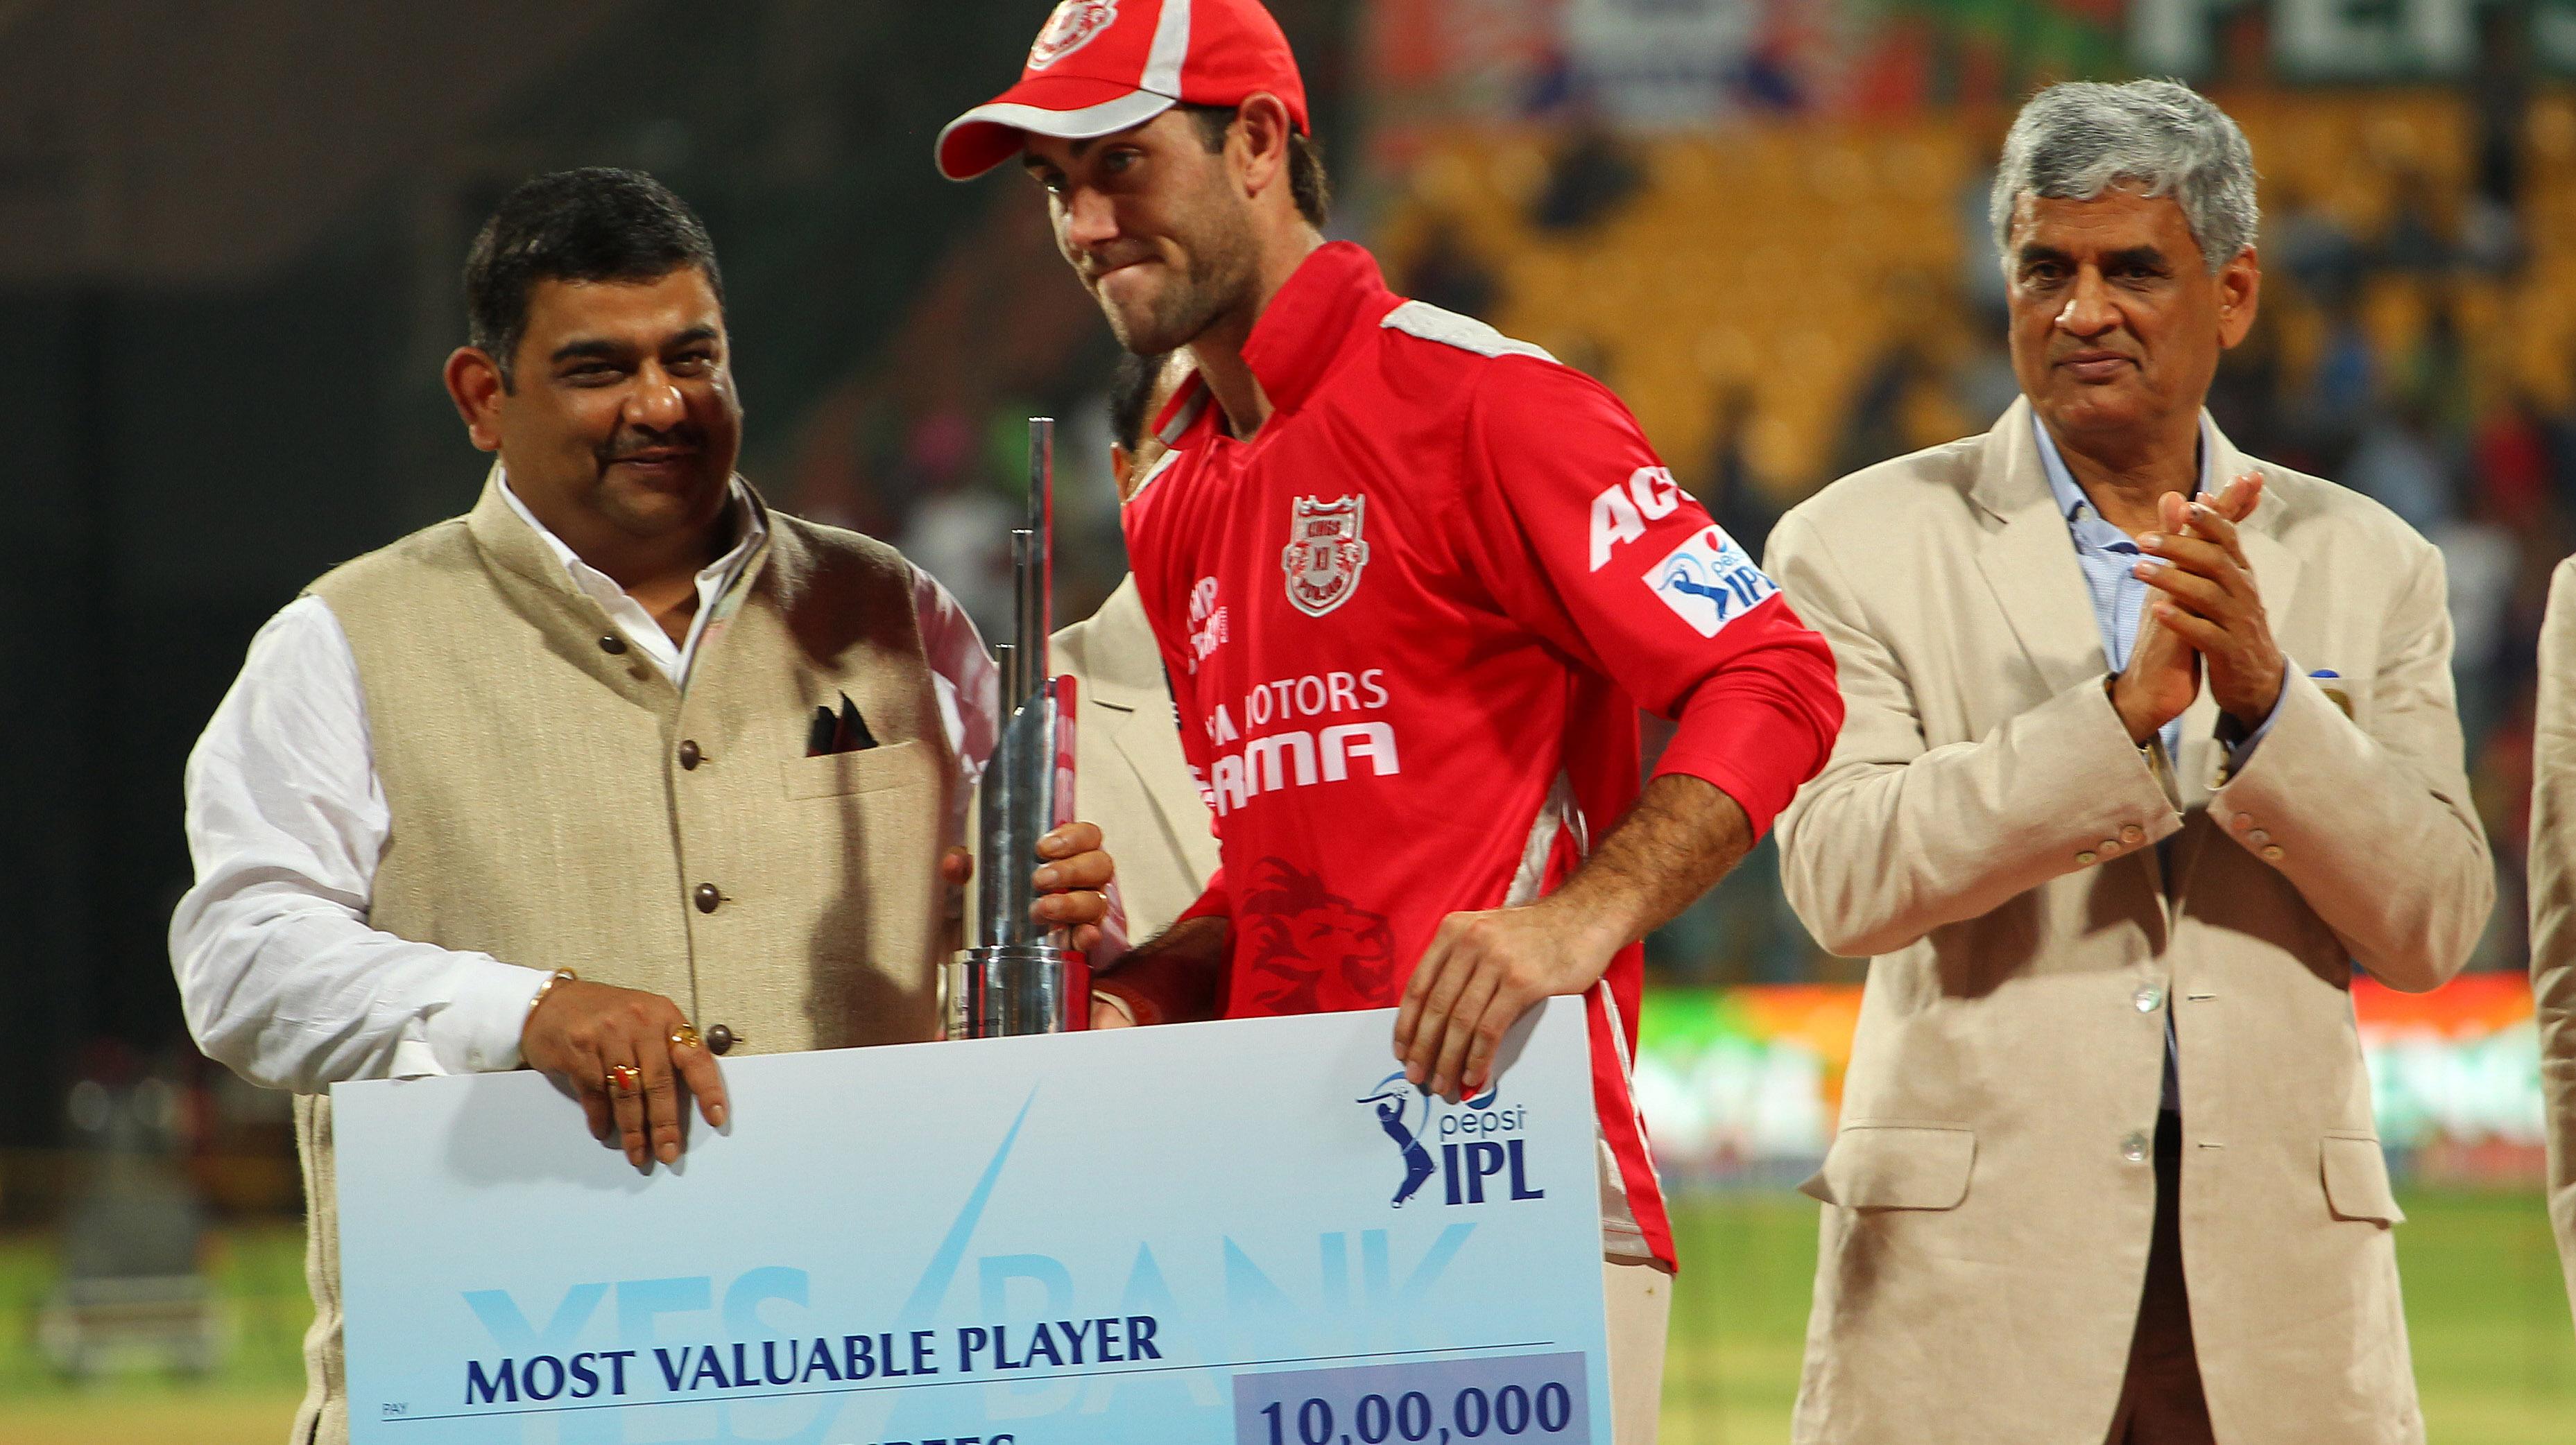 इंडियन प्रीमियर लीग 2014: खिलाड़ियों के पॉइंट्स 2